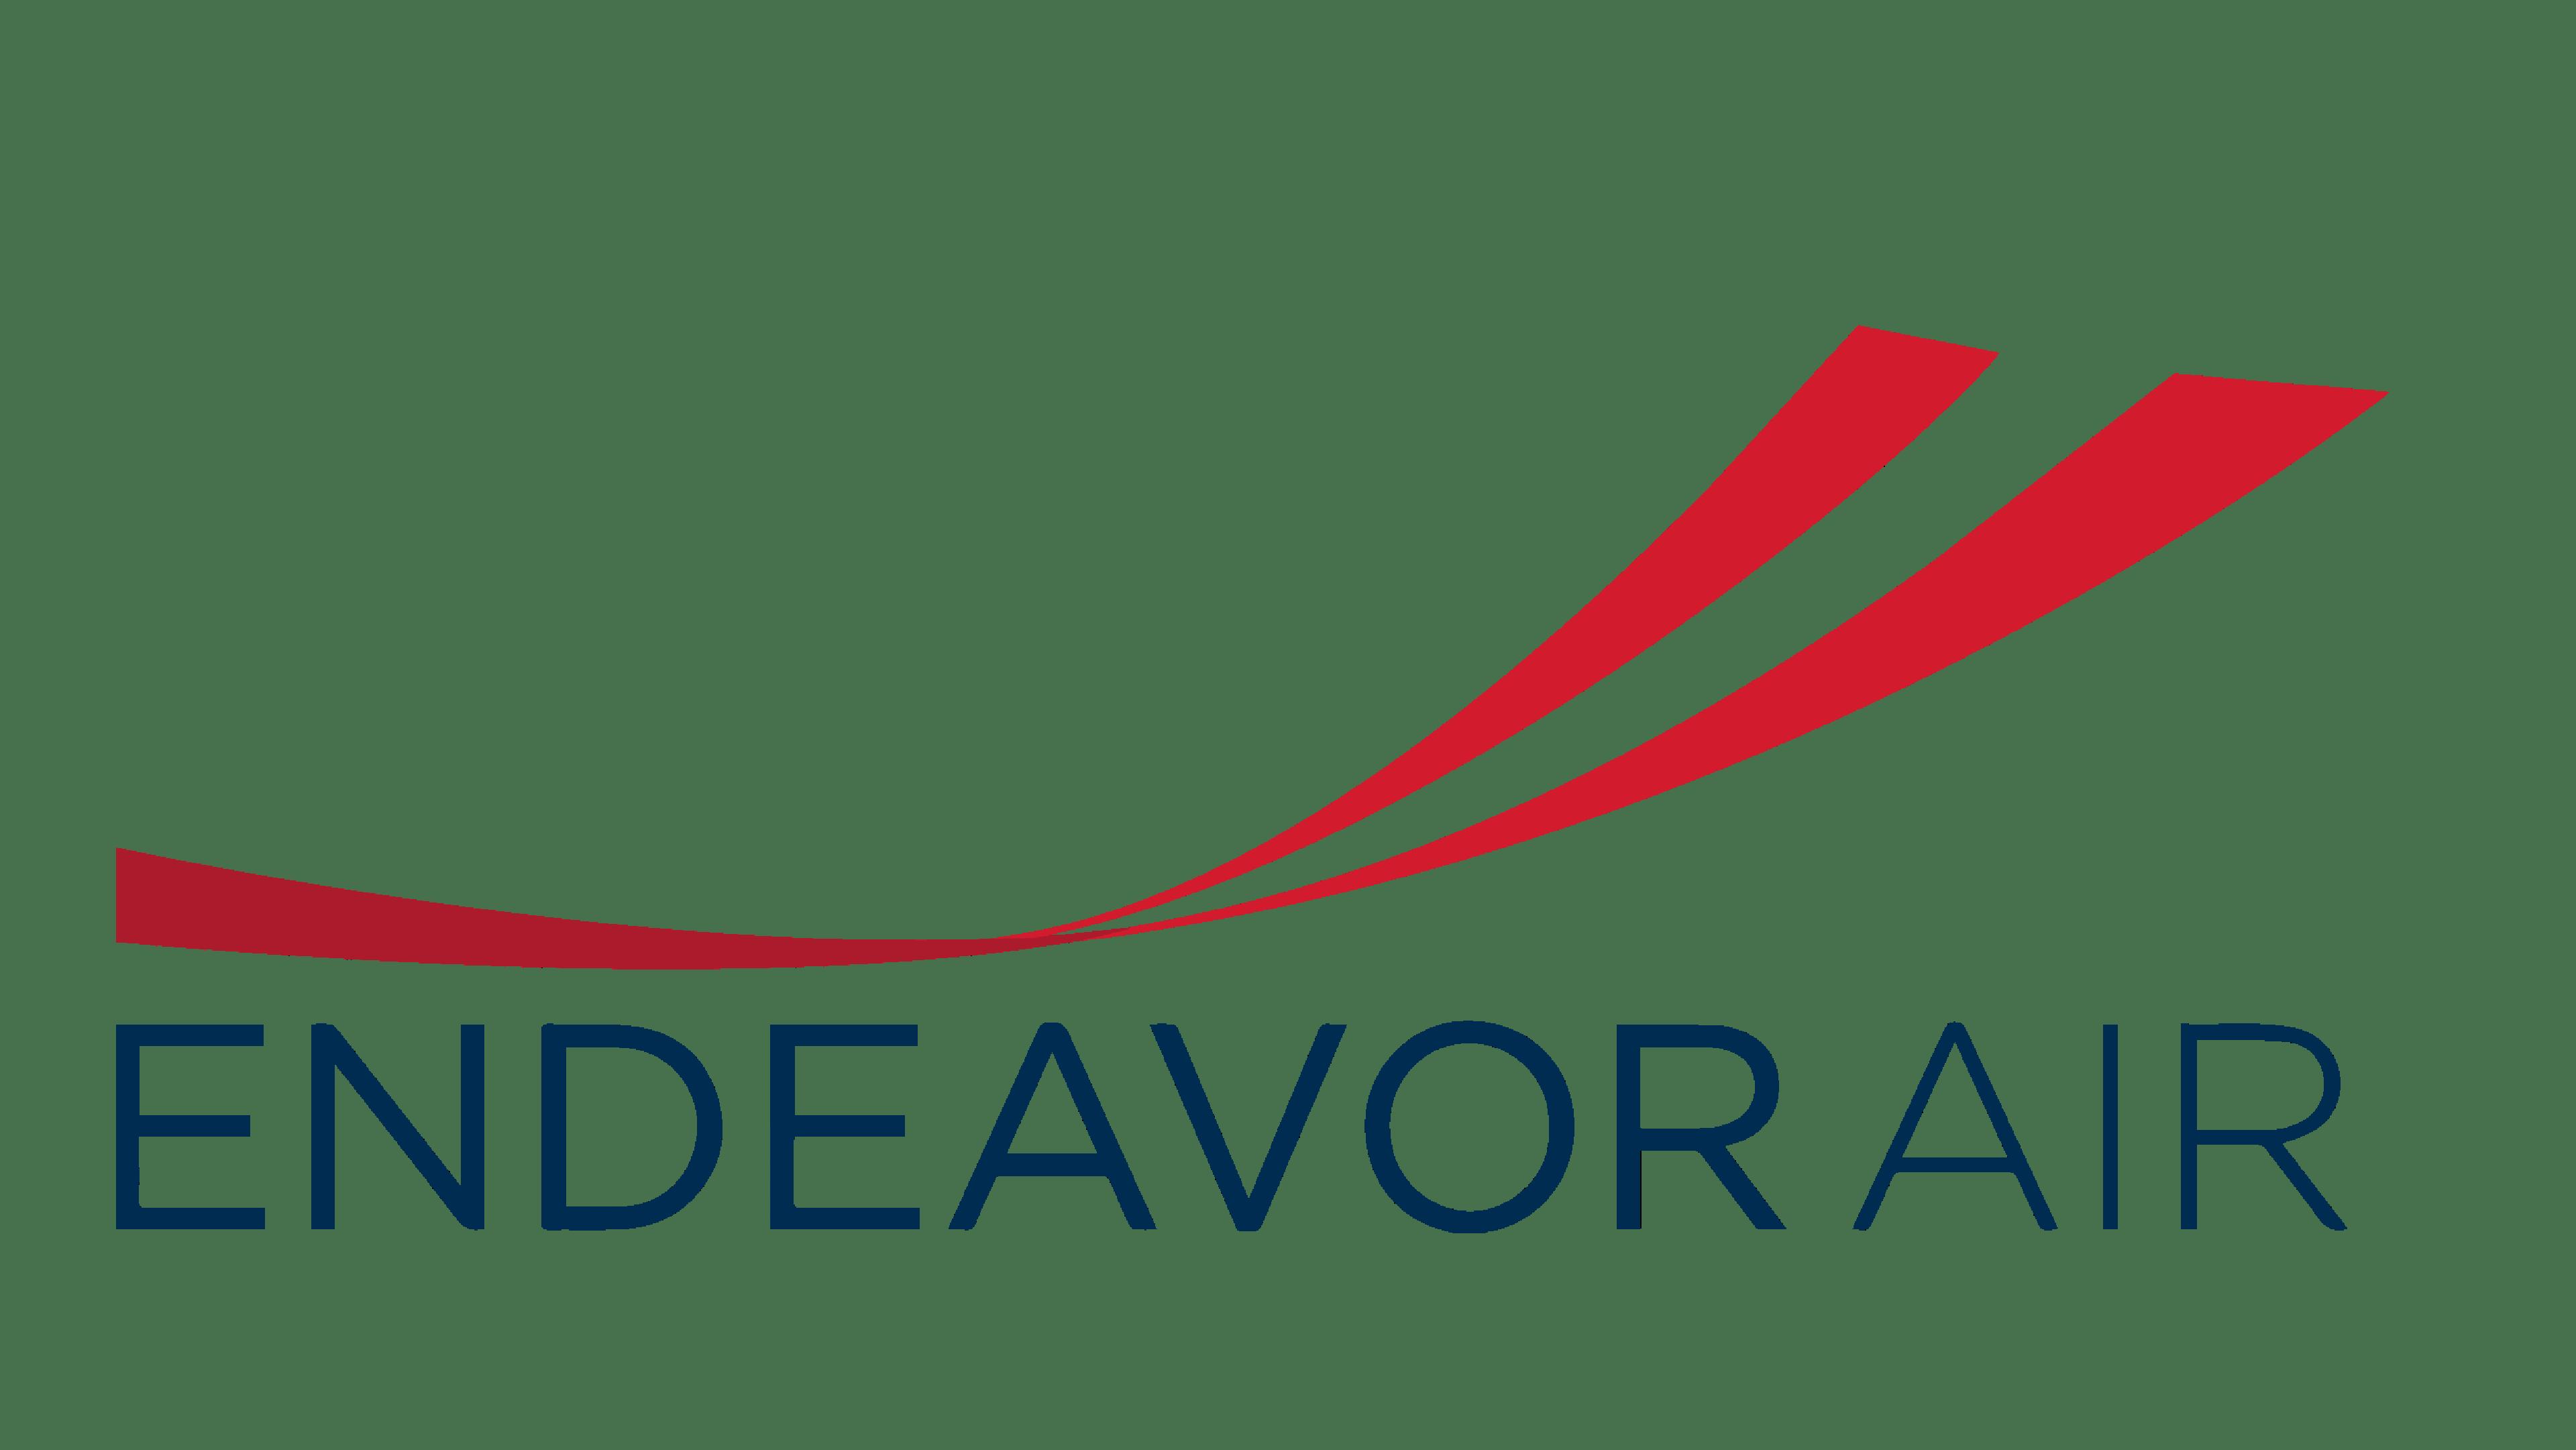 Endeavor Air Logo Logo